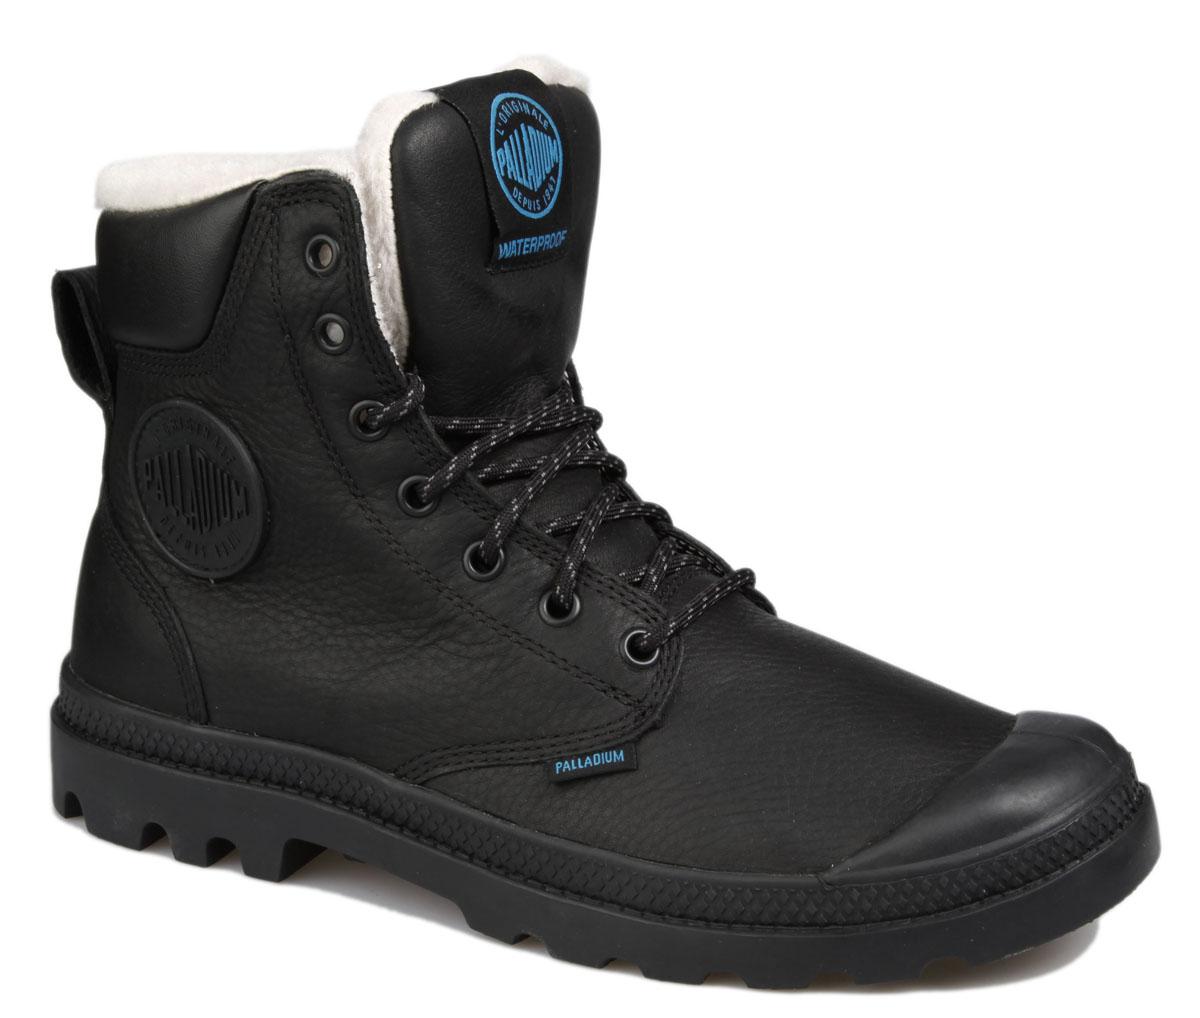 Ботинки Palladium Pampa Sport Cuff WPS W, цвет: черный. 72992-001. Размер 4,5 (37)72992-001Стильные ботинки Pampa Sport Cuff WPS от Palladium прекрасно подойдут для повседневной носки в холодную погоду. Верх ботинок выполнен из натурального нубука. Подкладка изготовлена из натуральной шерсти, которая сохранит ваши ноги в тепле. Фиксируется модель на ноге при помощи плотной классической шнуровки. Вшитый язычок исключает попадание снега внутрь ботинка и обеспечивает дополнительную теплоизоляцию. Прорезиненный мысок и кант защитят от влаги и позволят продлить срок службы изделия.Стелька EVA для амортизации и комфорта при ходьбе. Резиновая подошва с глубоким протектором обеспечивает превосходное сцепление на любой поверхности. Оформлена модель вставкой из искусственной кожи, сбоку прорезиненной нашивкой с логотипом Palladium, а на язычке нашивкой с названием бренда.Такие ботинки будут прекрасно сочетаться с различными вещами вашего гардероба. Они подчеркнут ваш стиль и индивидуальность!